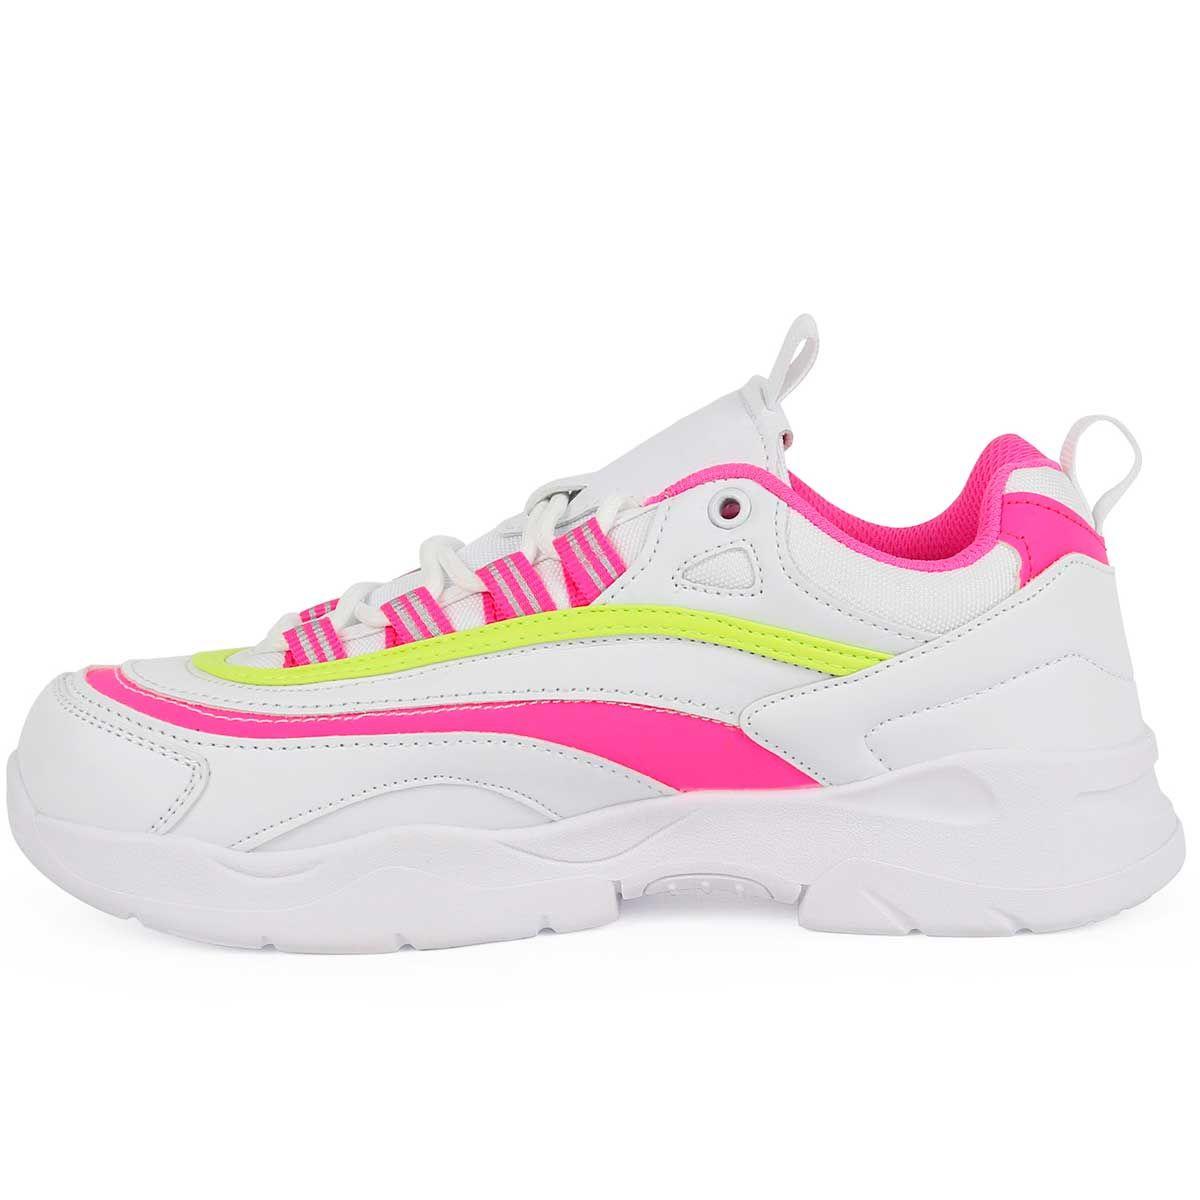 Montevita Sporty Sneaker in White